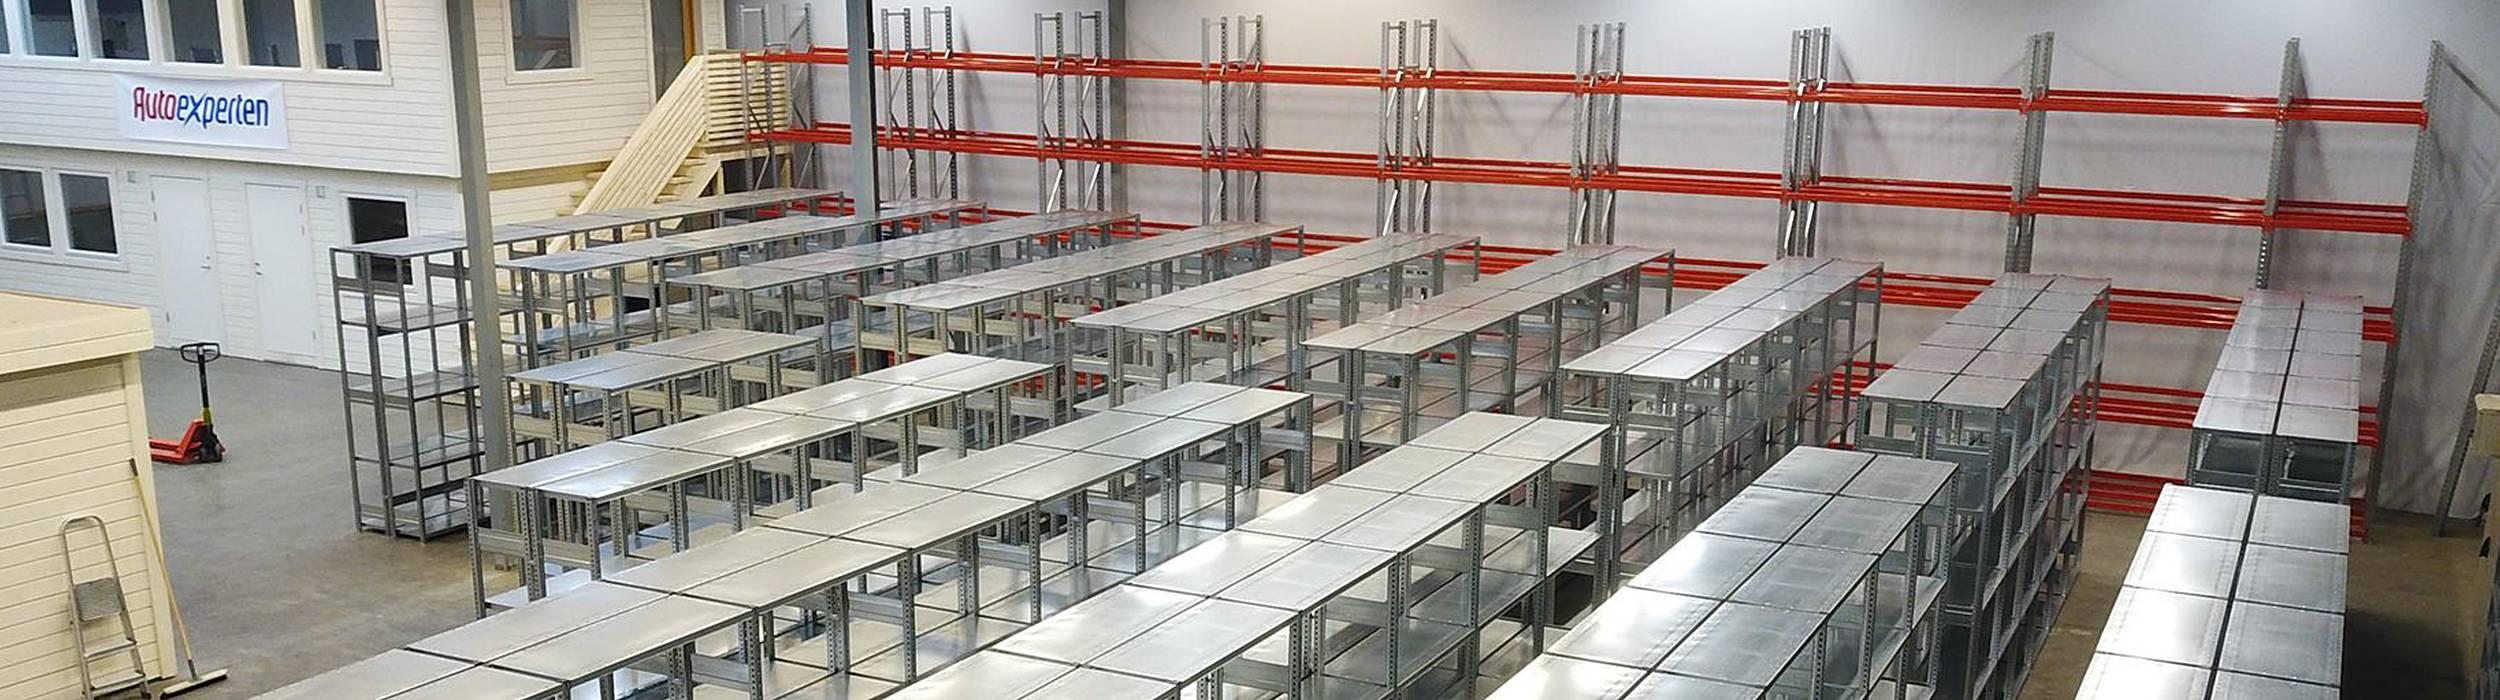 Custom shelving in warehouse